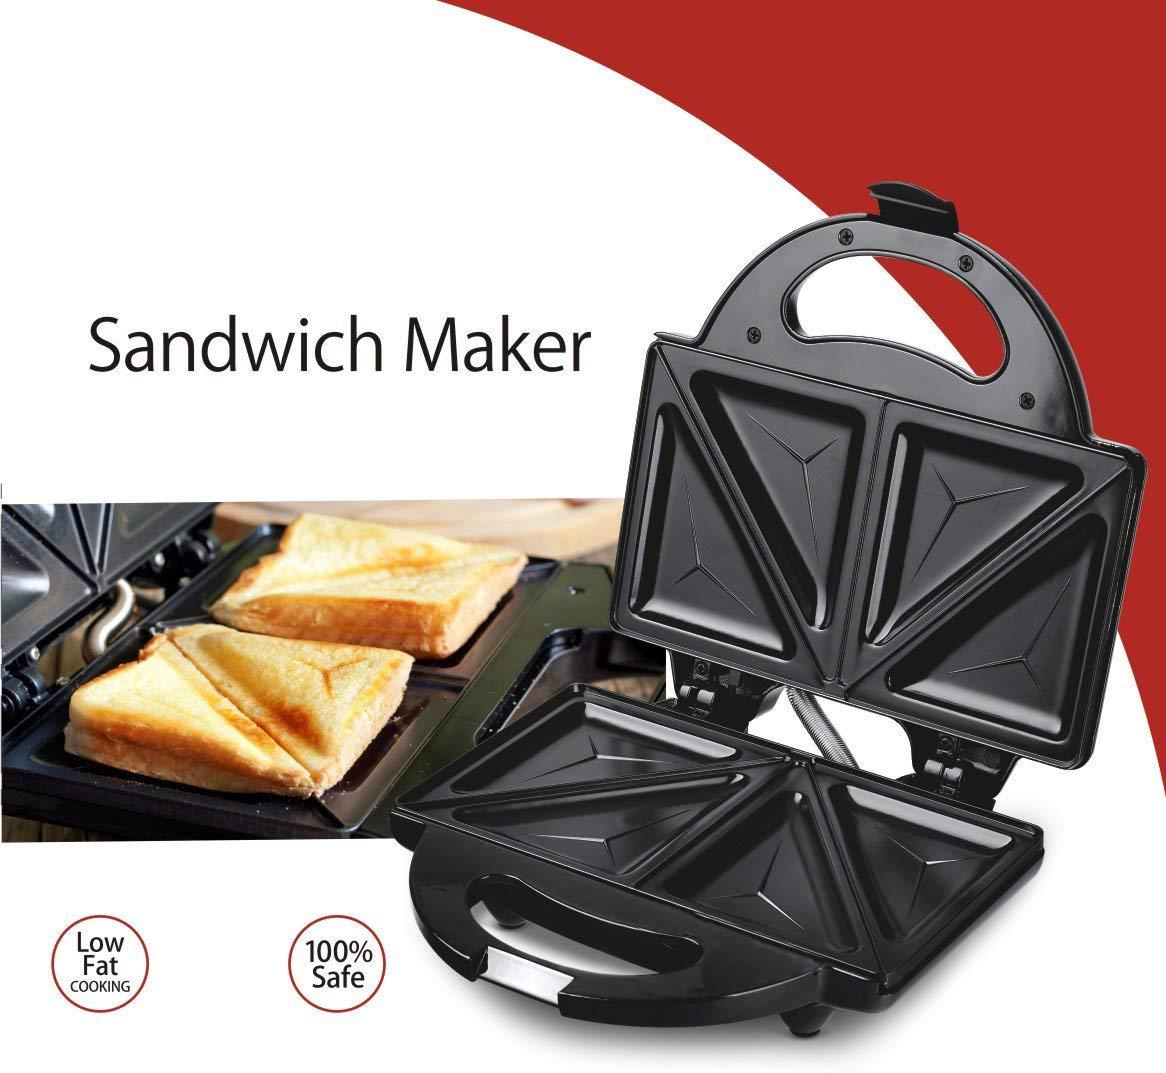 Lifelong LLSM115T 750-Watt 4-Slice Sandwich Maker